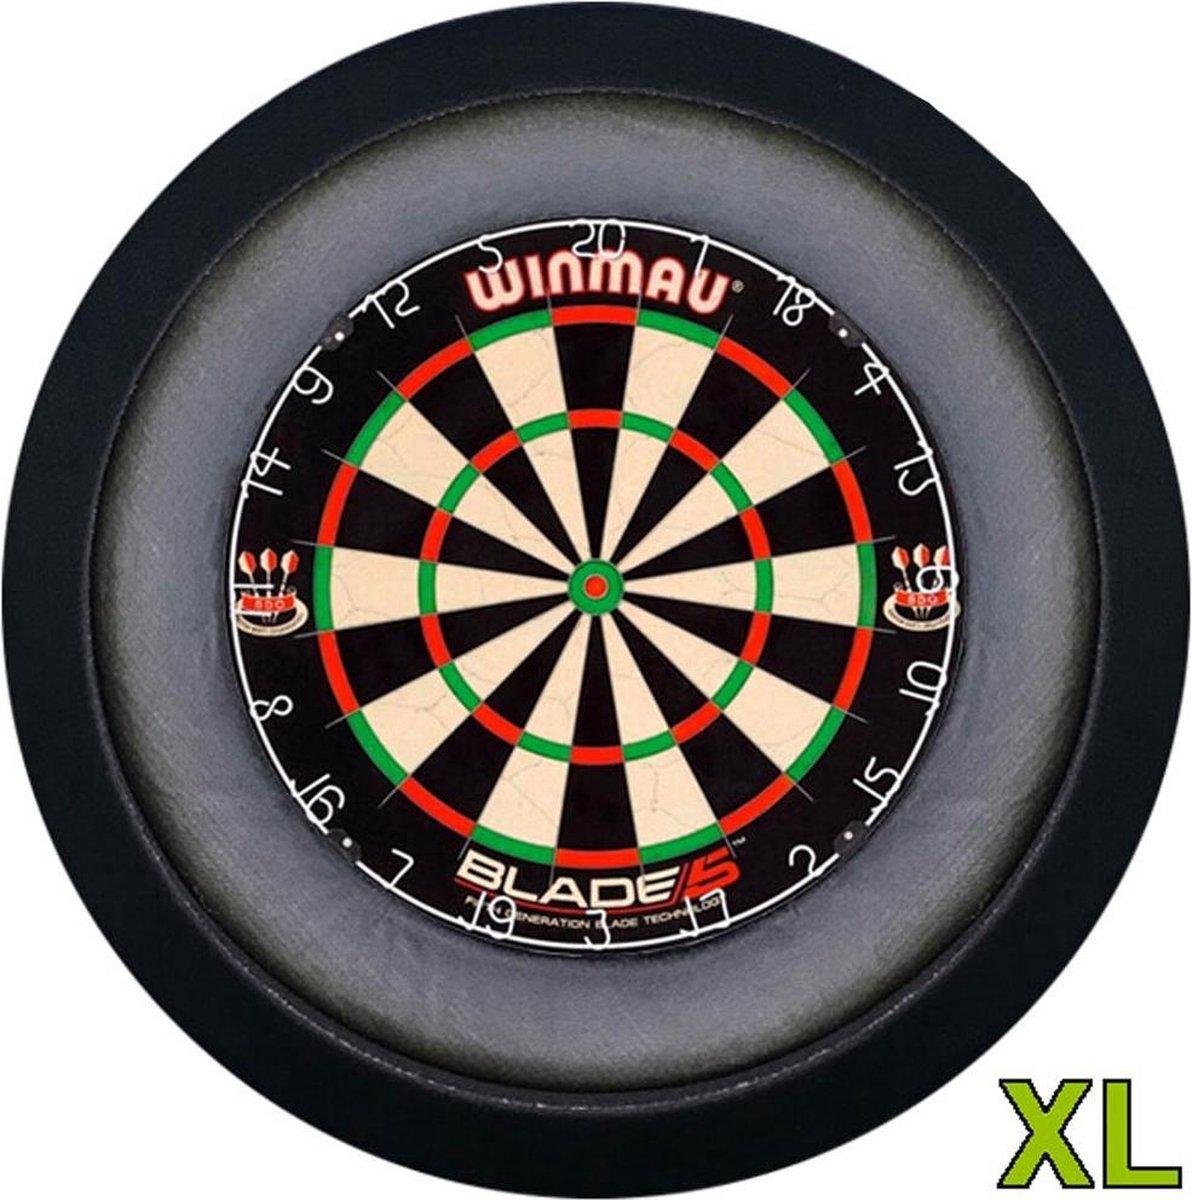 Lena Dartbord verlichting XL Zwart